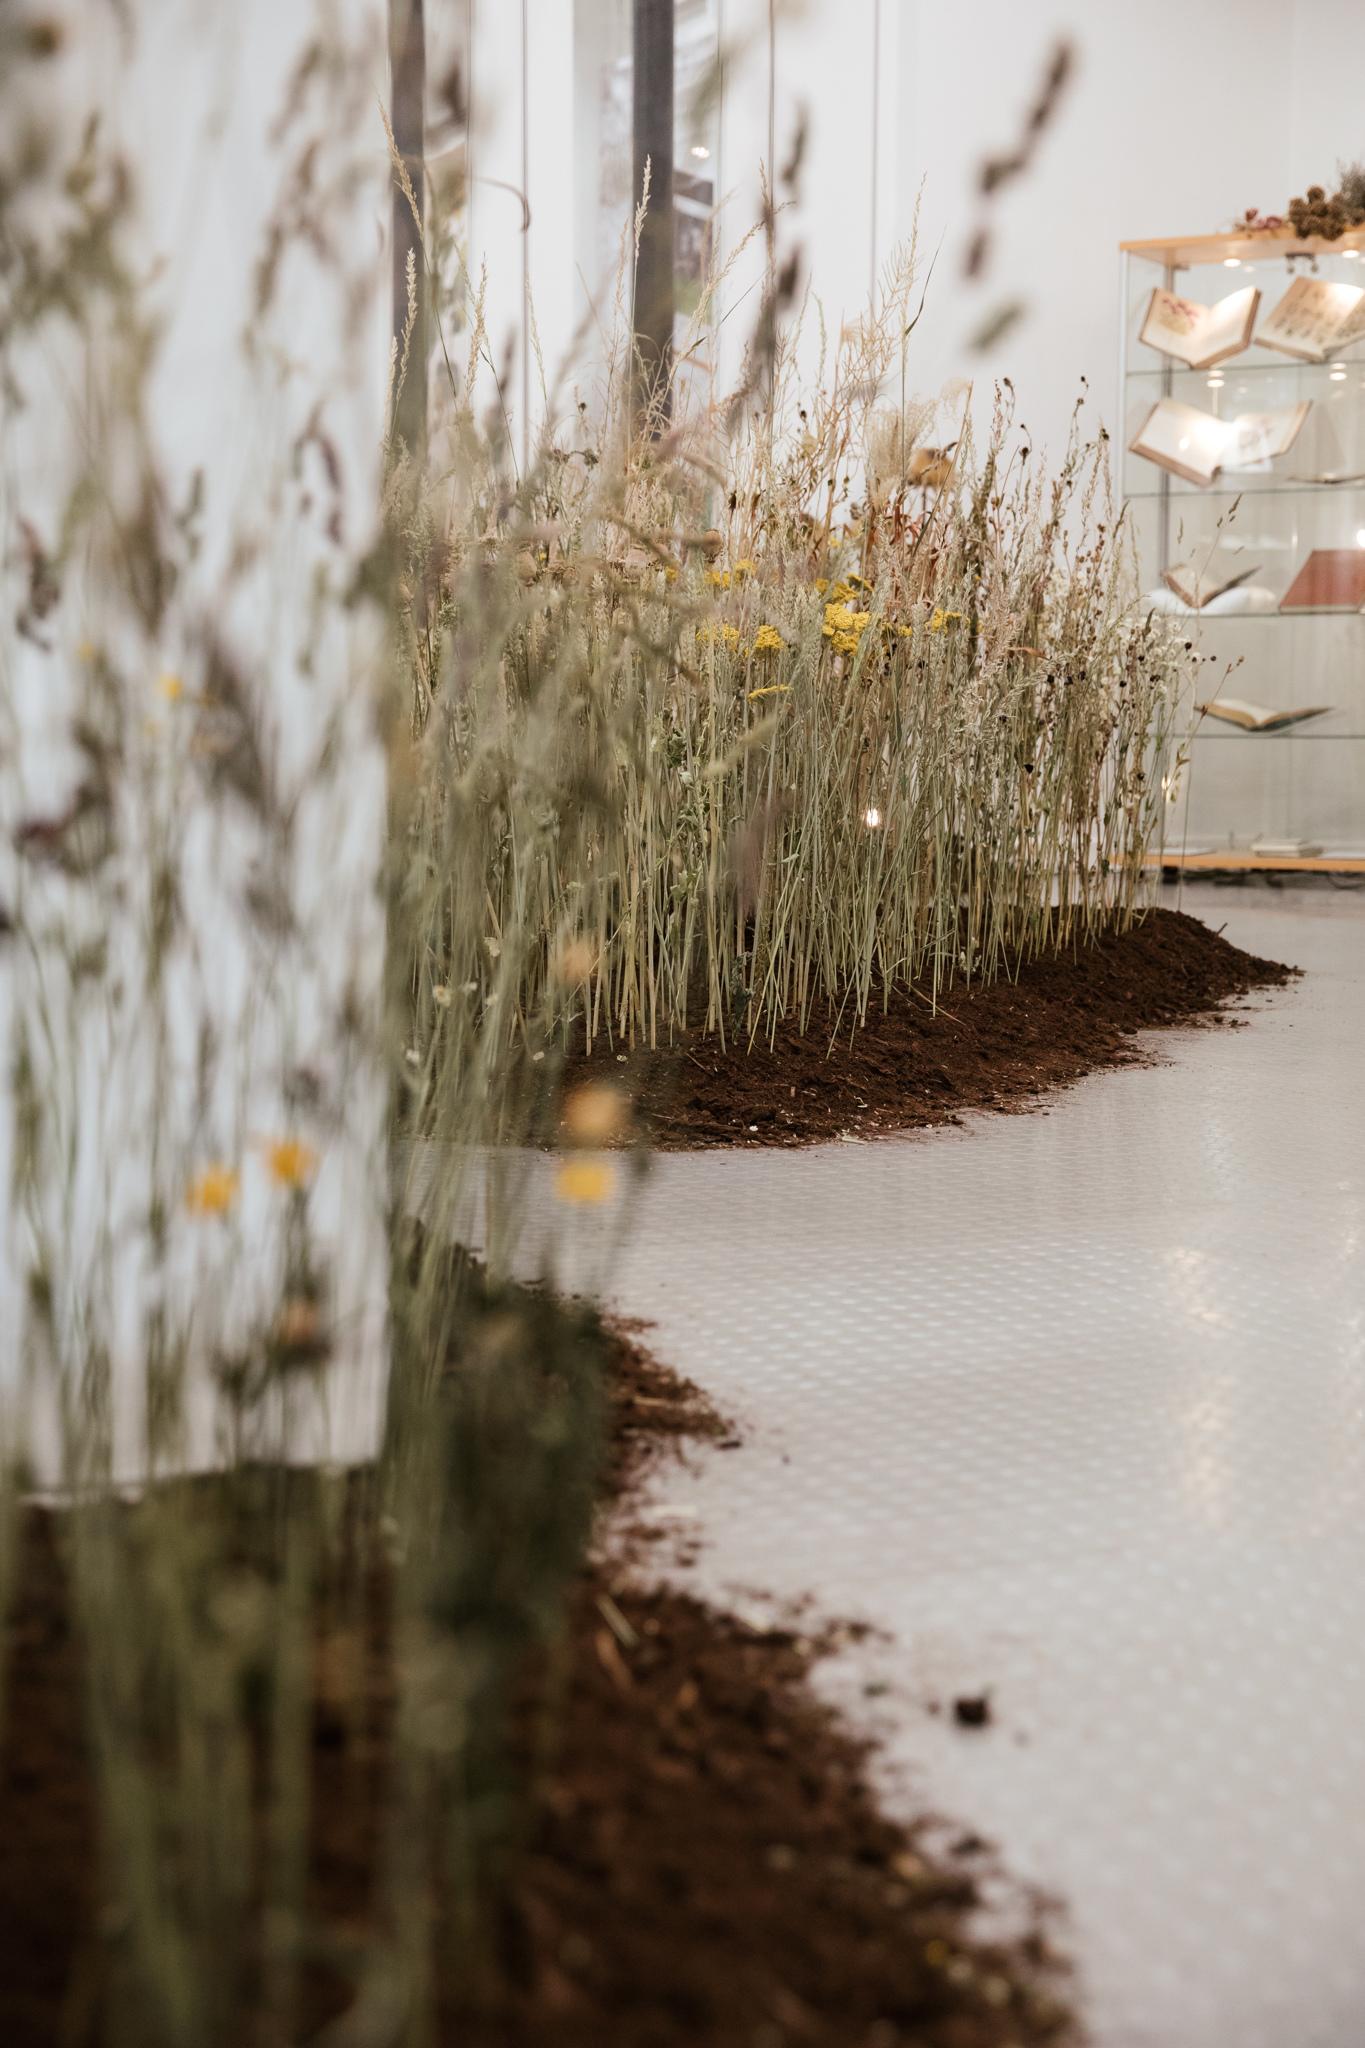 Herbarium_Joanne-Crawford-6774.JPG